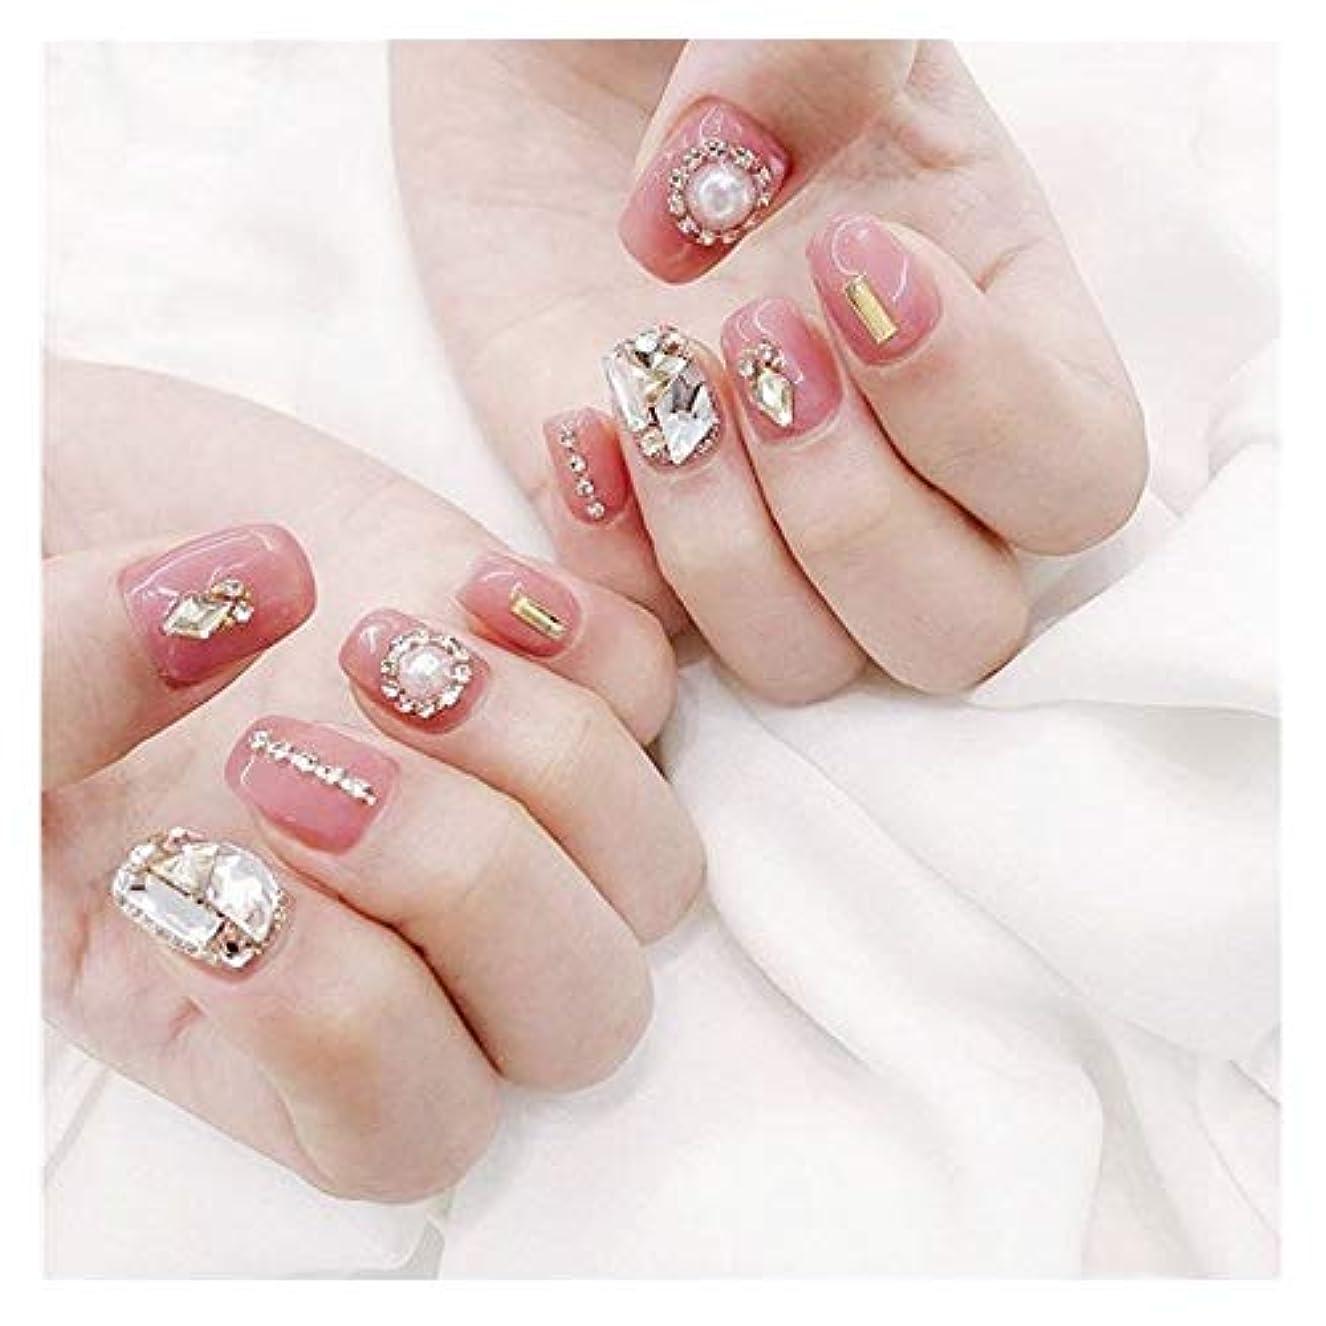 カトリック教徒きちんとした彼TAALESET ダイヤモンドのり偽の爪ピンクのかわいい花嫁フォトスタジオ完成ネイル偽の釘 (色 : 24 pieces)